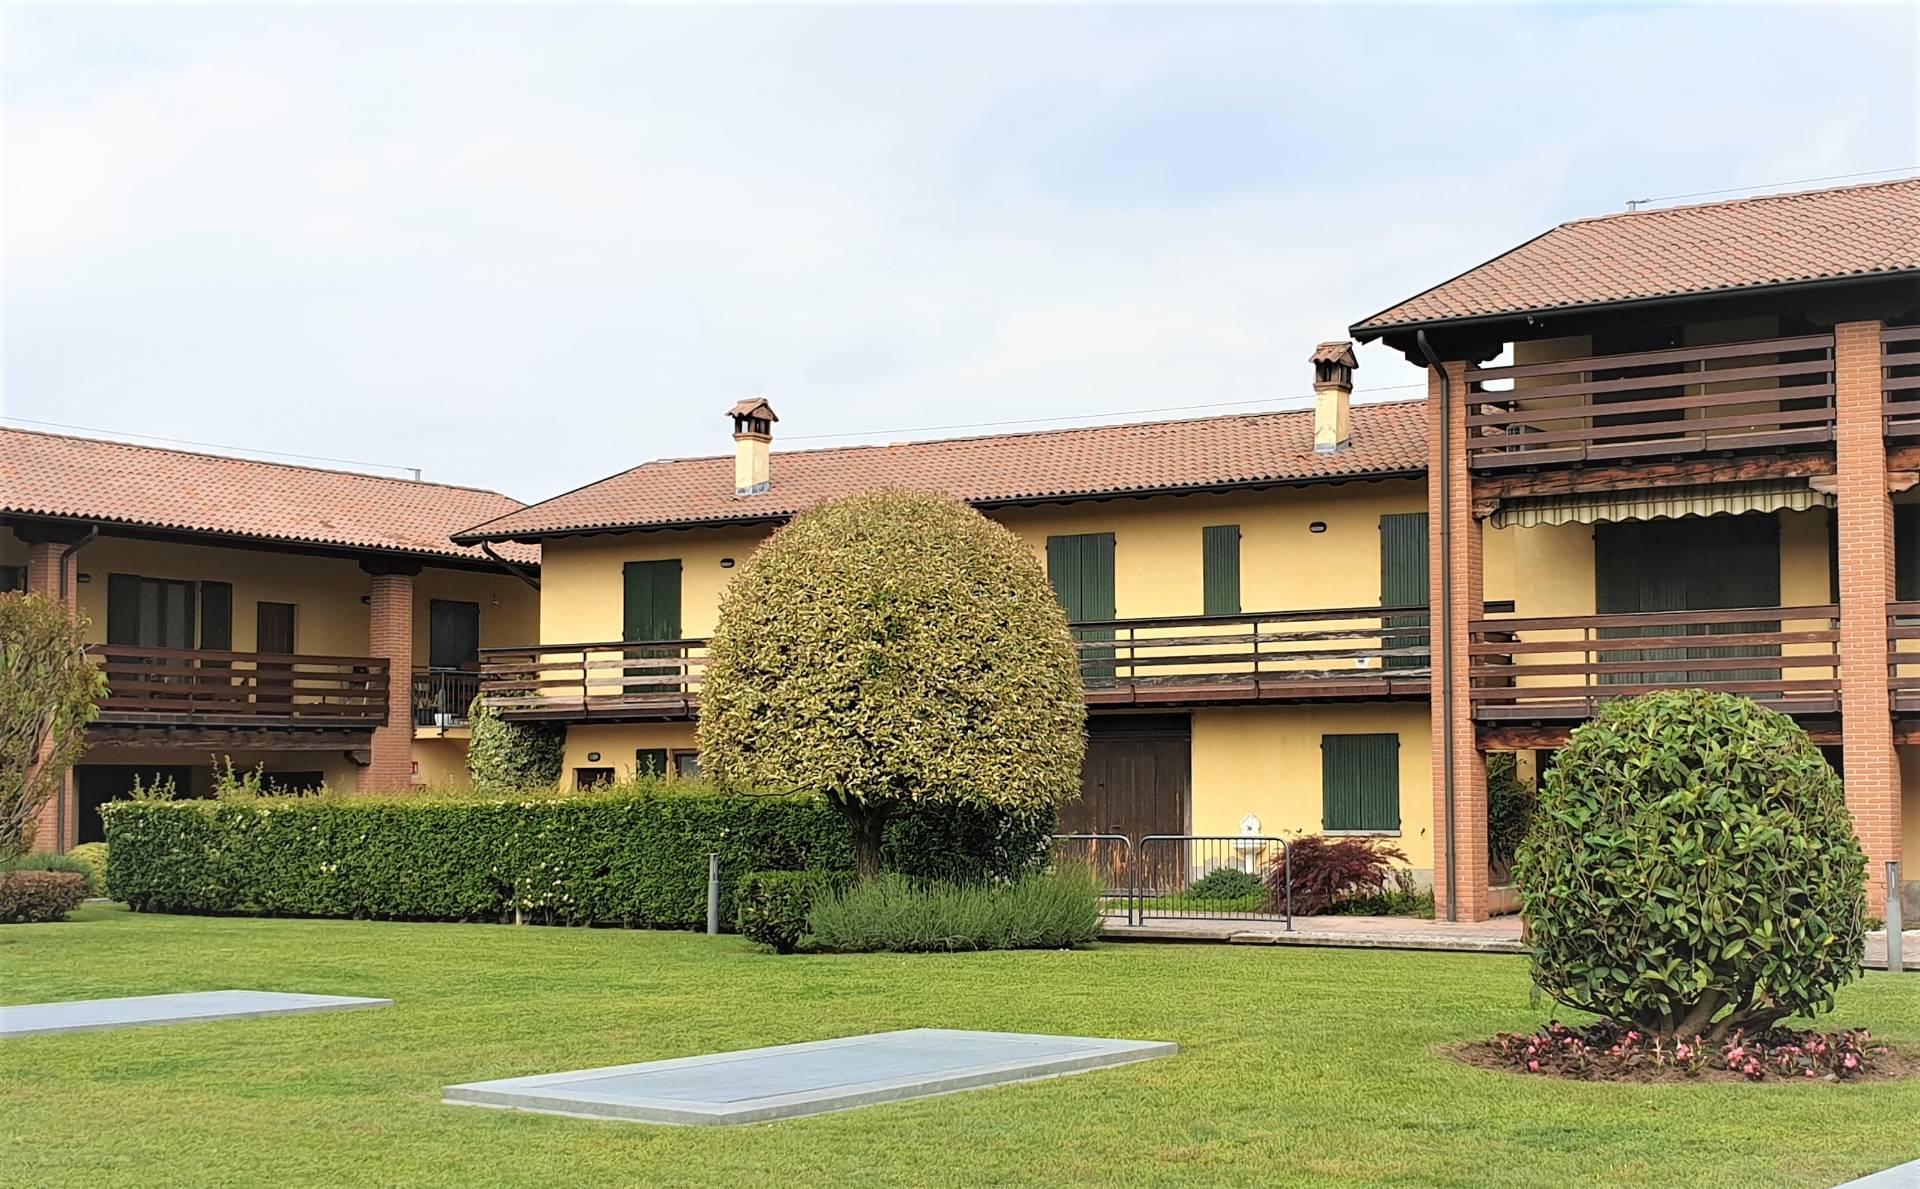 VILLETTA in Vendita a Cologno Al Serio (BERGAMO)